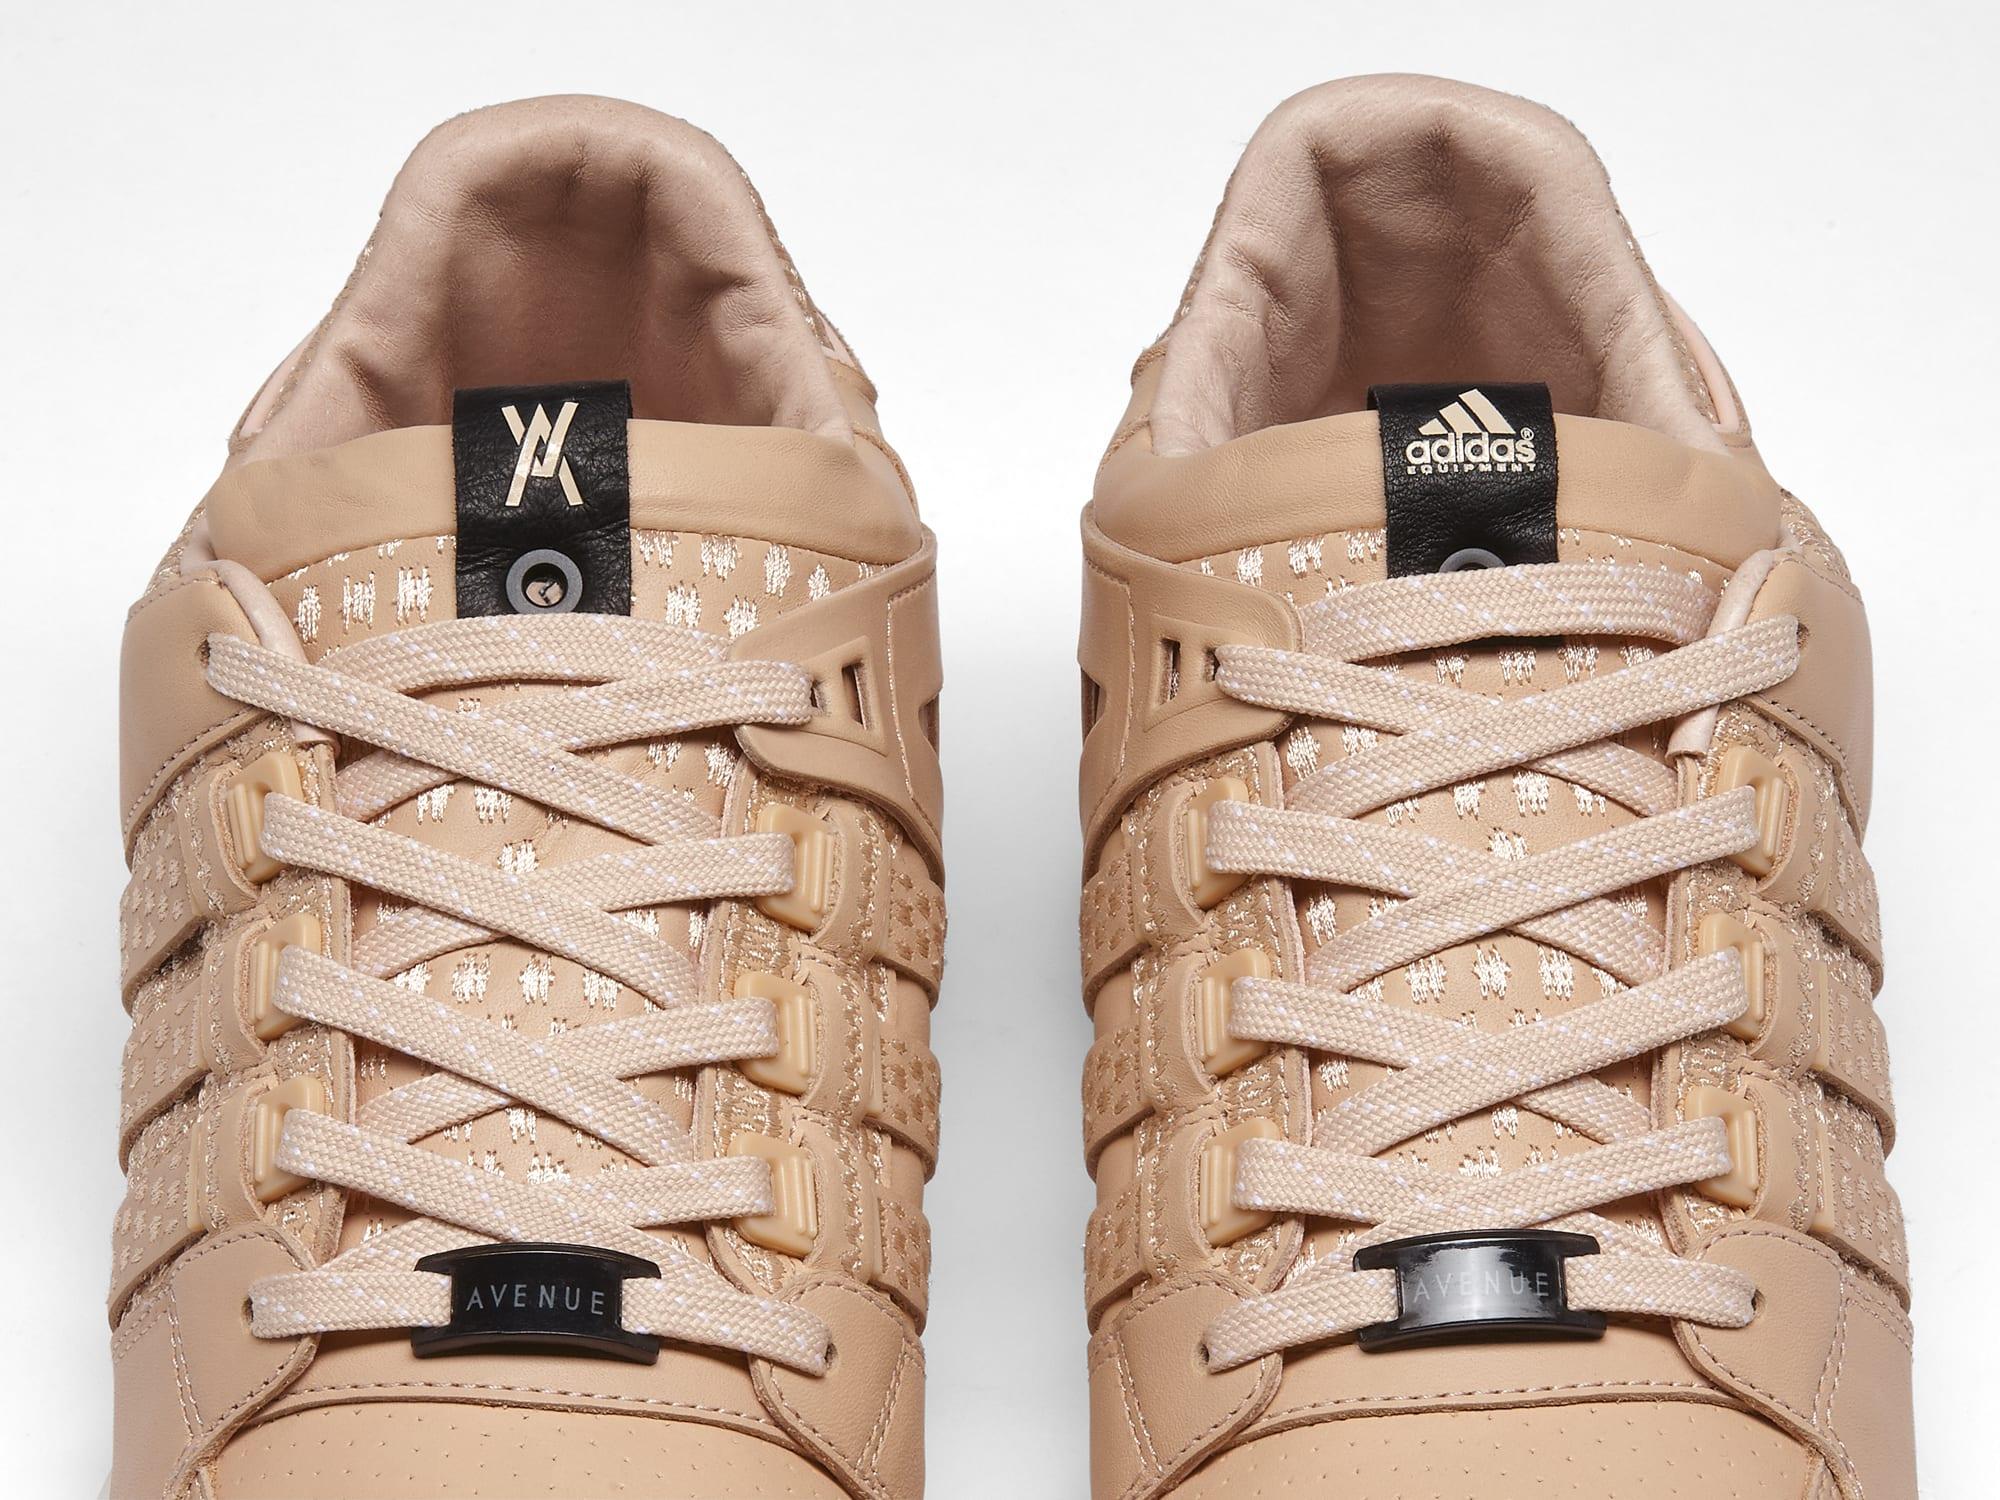 best website dc294 8d326 ... Image via Adidas Avenue Adidas EQT 93 16 Support 4 Adidas Consortium x  Avenue Men EQT 9316 ...